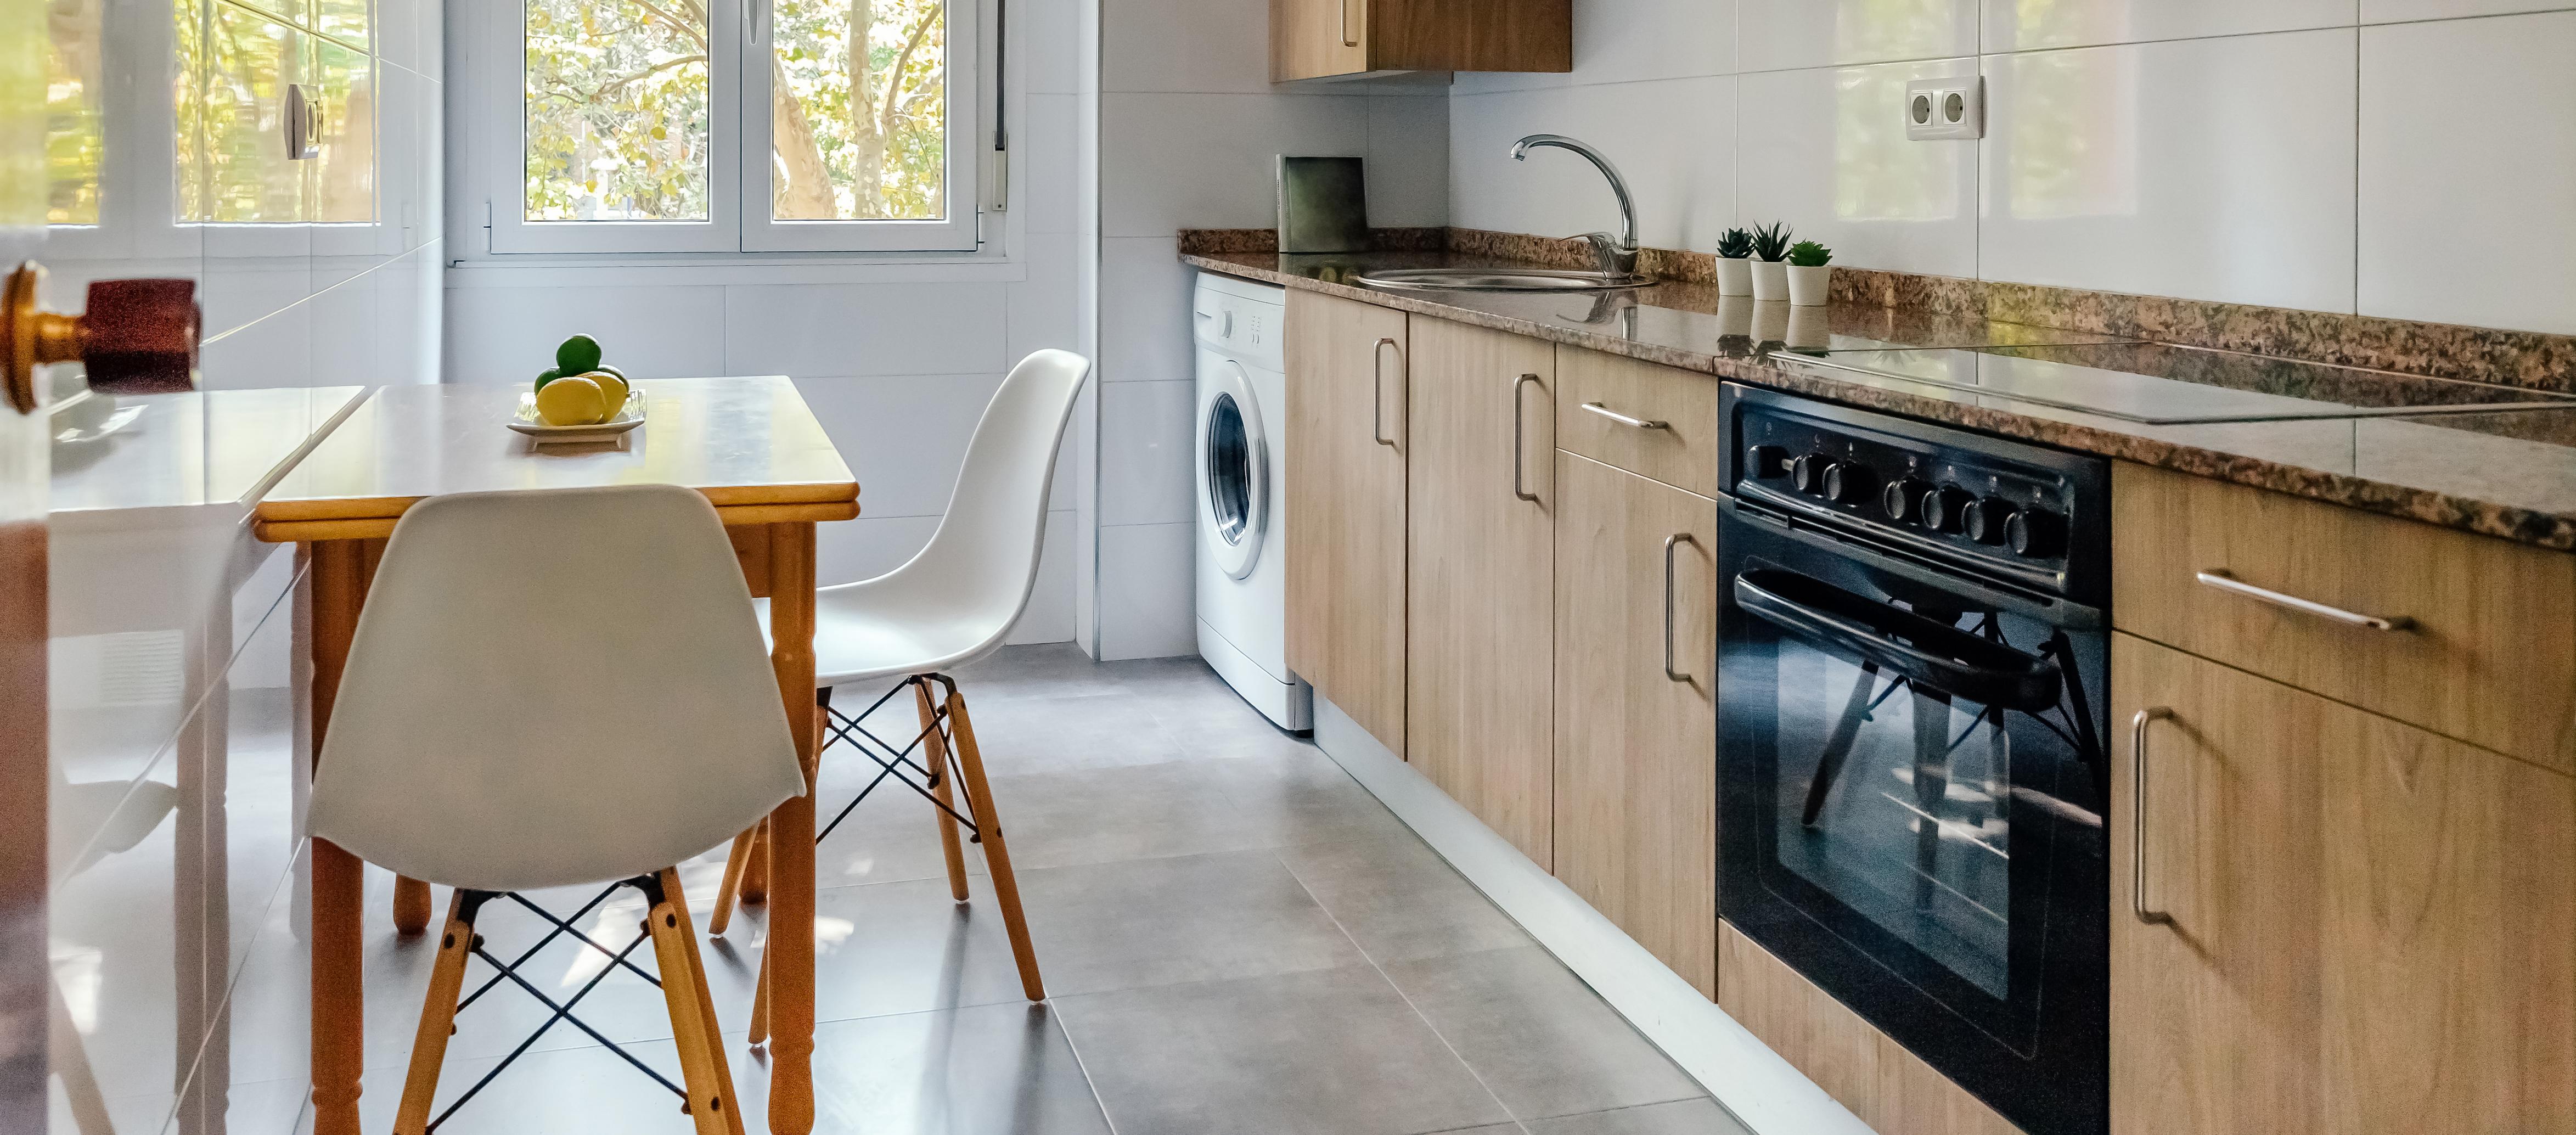 cozinha integrada à lavanderia com eletrodomésticos modernos